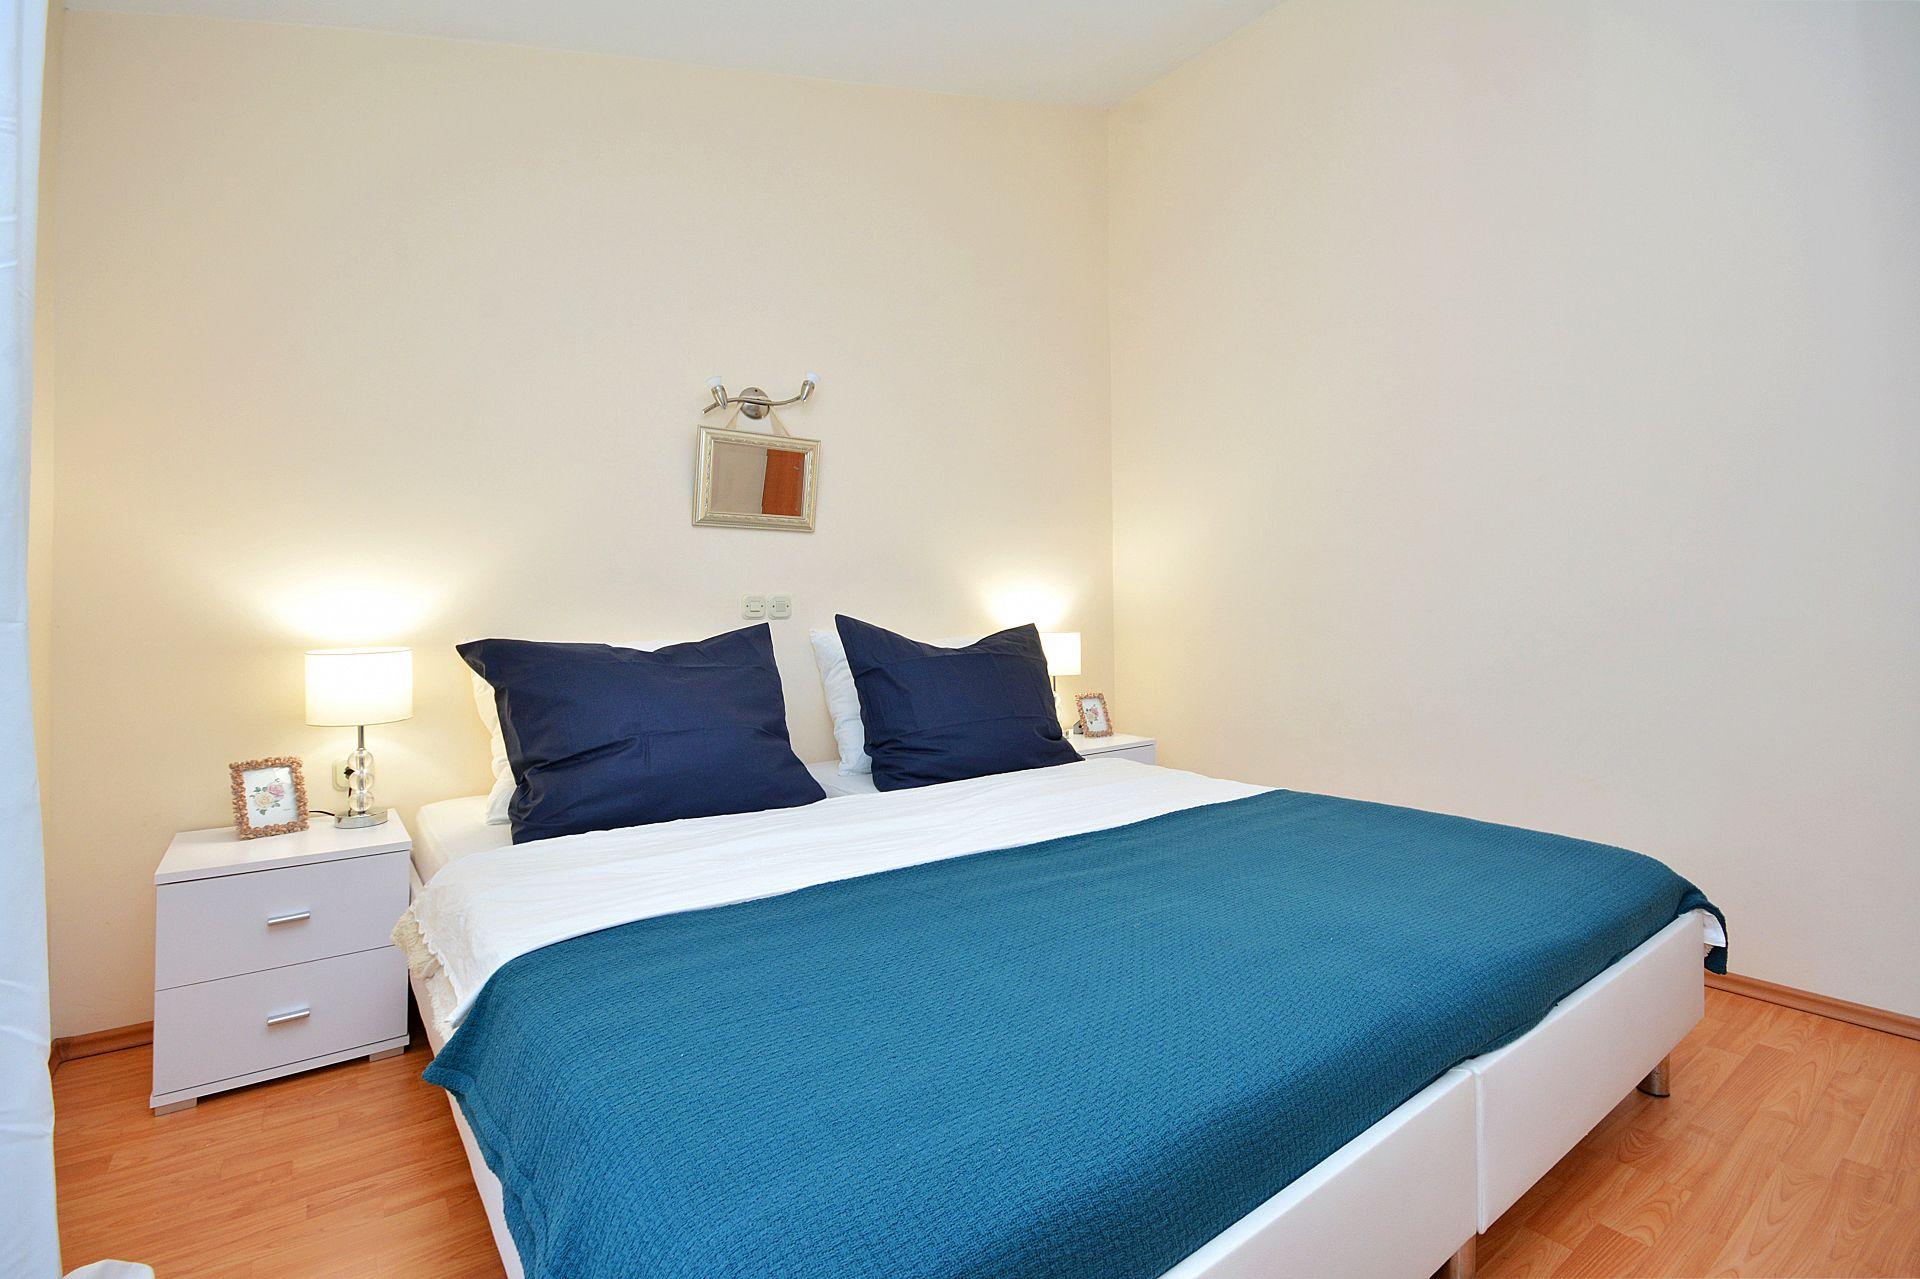 Zeljko - Marina - Appartementen Kroatië - A1(6+2): slaapkamer